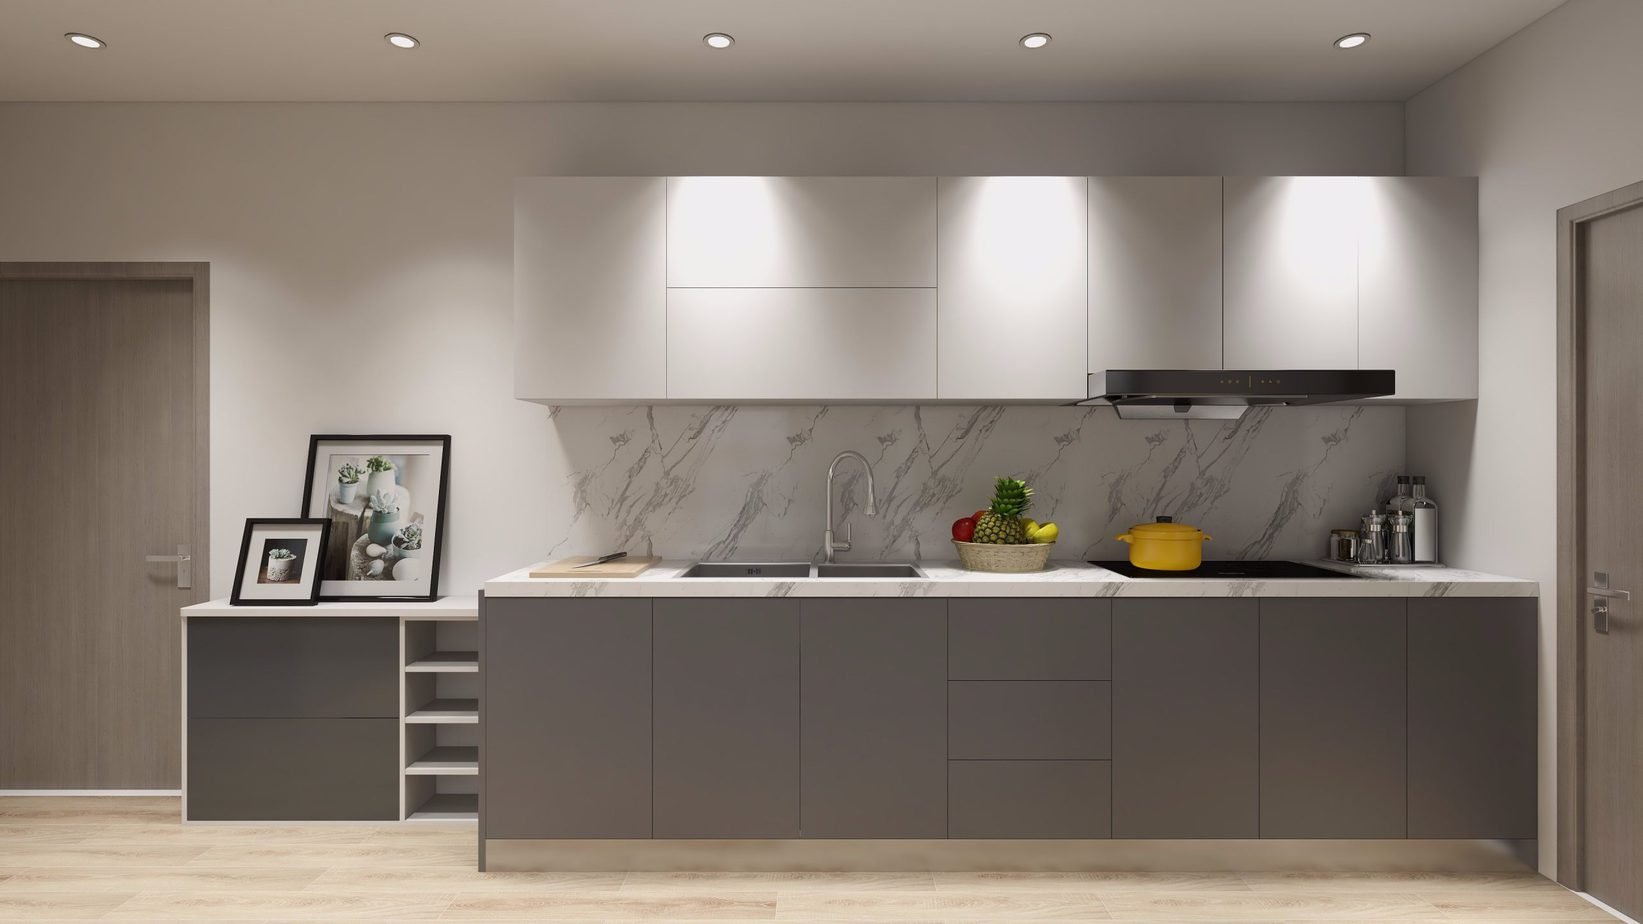 Với khả năng chống nước, va đập, mối mọt tuyệt vời, tủ bếp chữ I màu trắng - xám thanh lịch giúp người dùng có thể an tâm sử dụng hơn